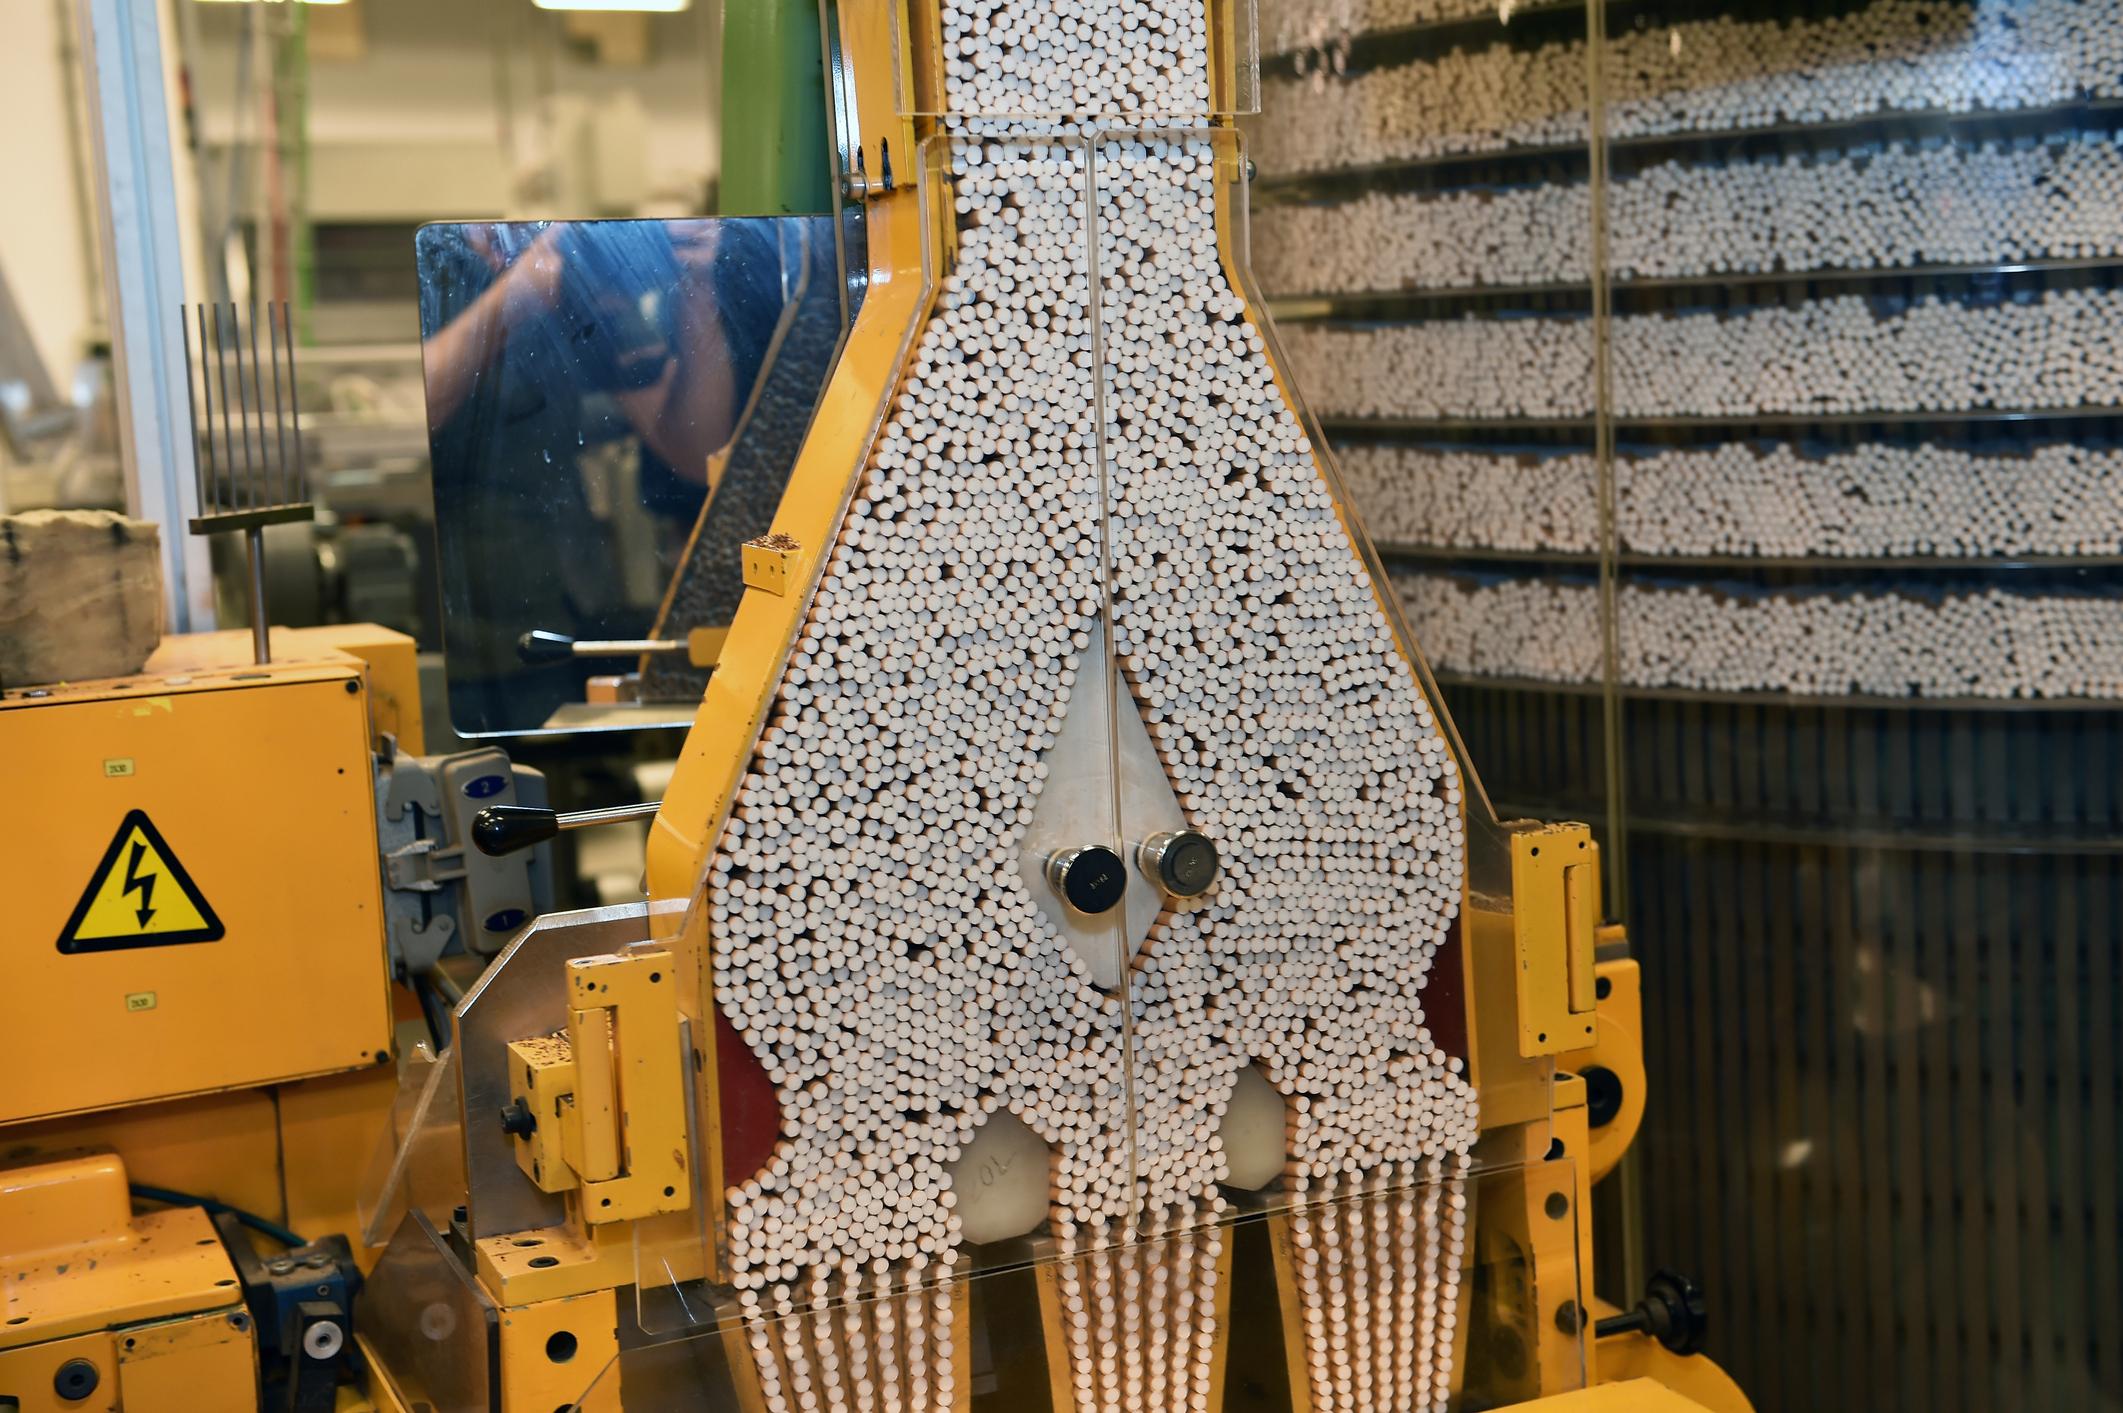 Cigarette production factory